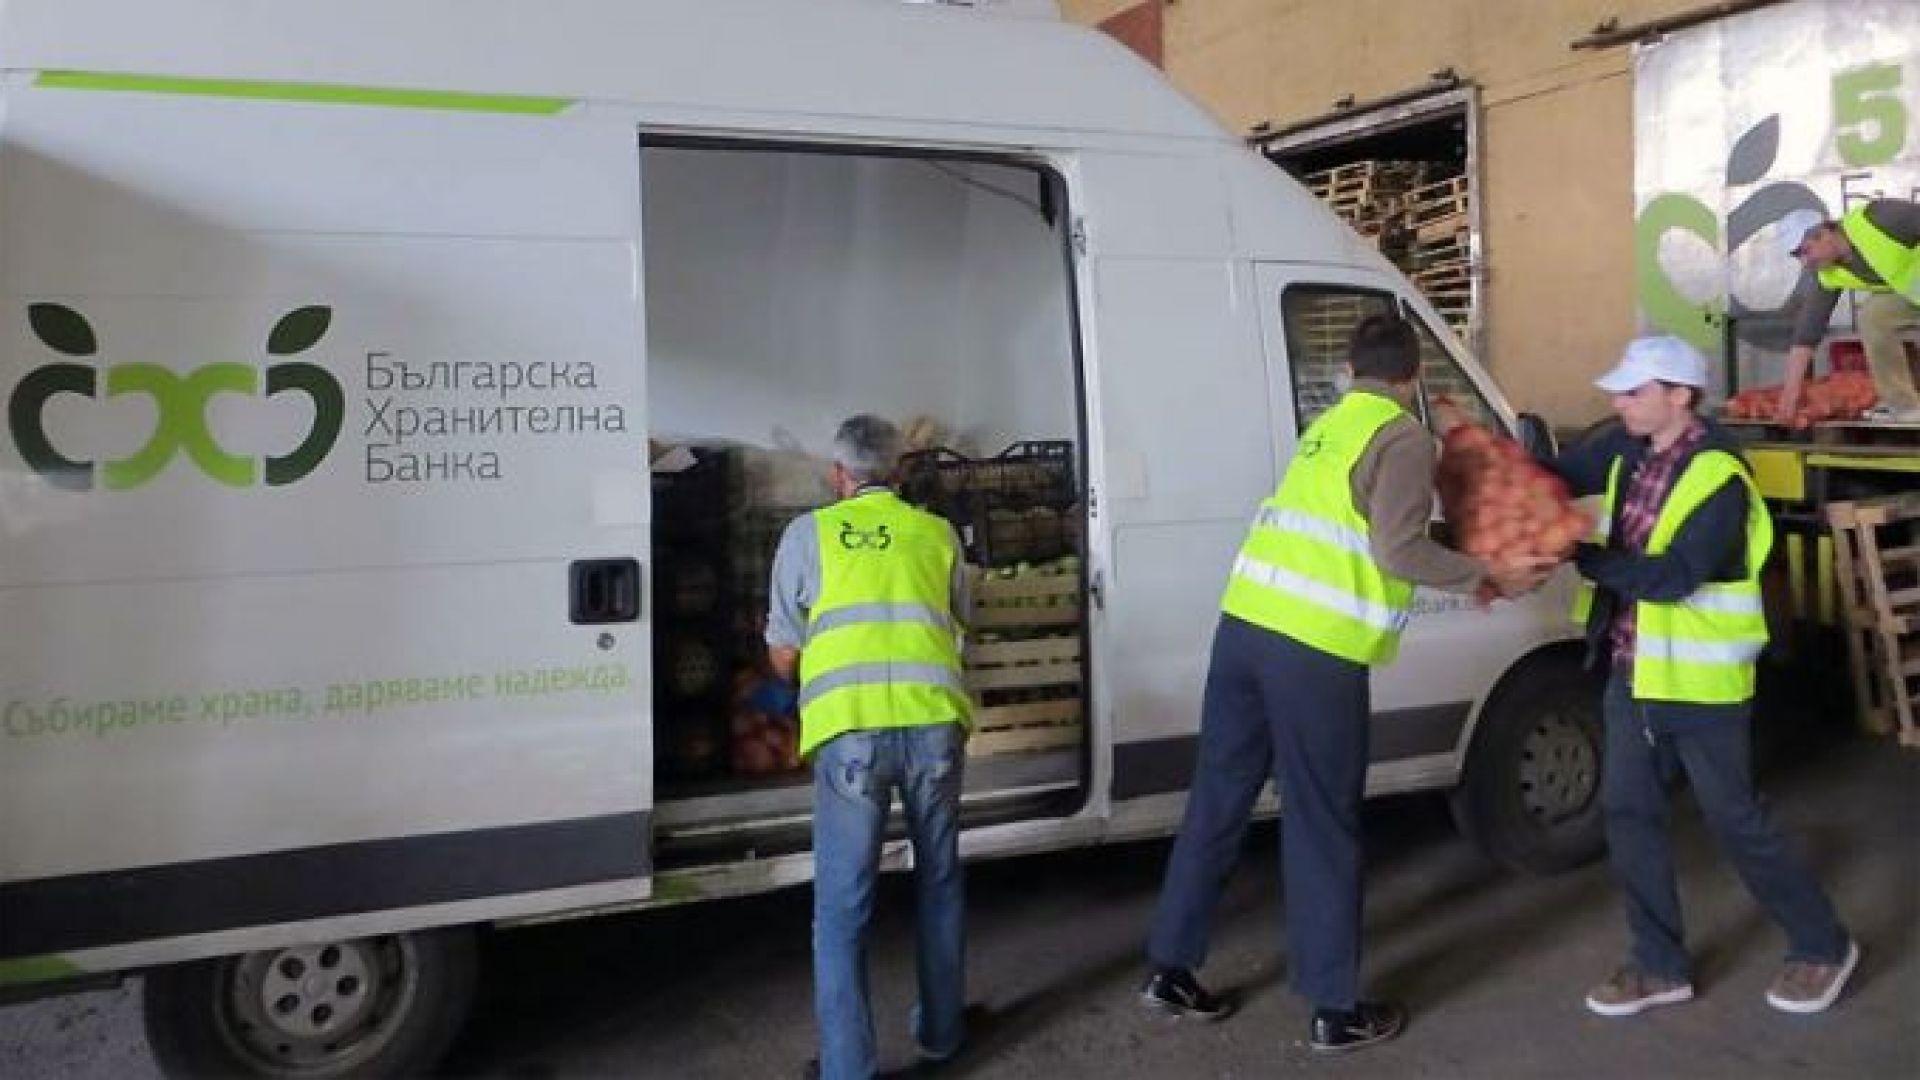 Хранителната банка раздала 200 тона продукти за 8 години